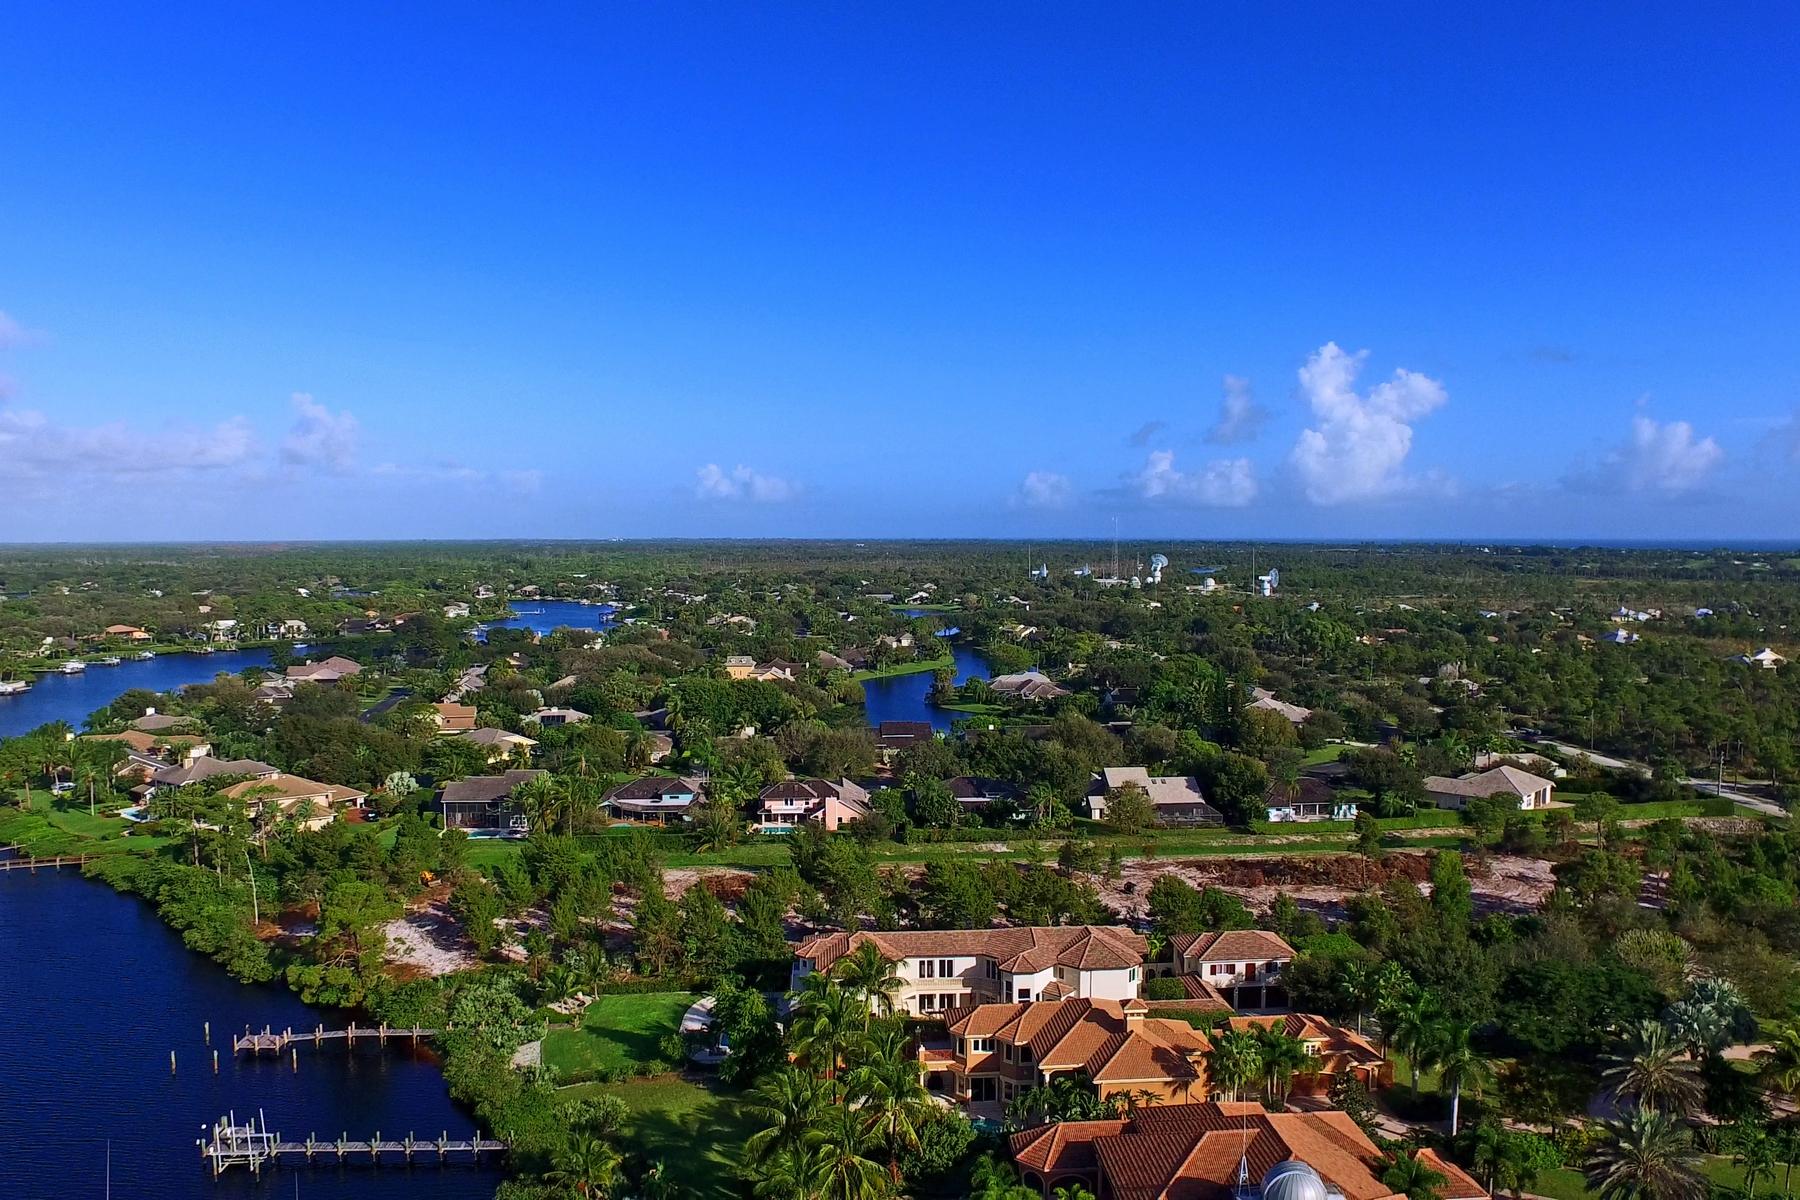 独户住宅 为 销售 在 18970 SE County Line Rd 德贵斯塔, 佛罗里达州 33469 美国